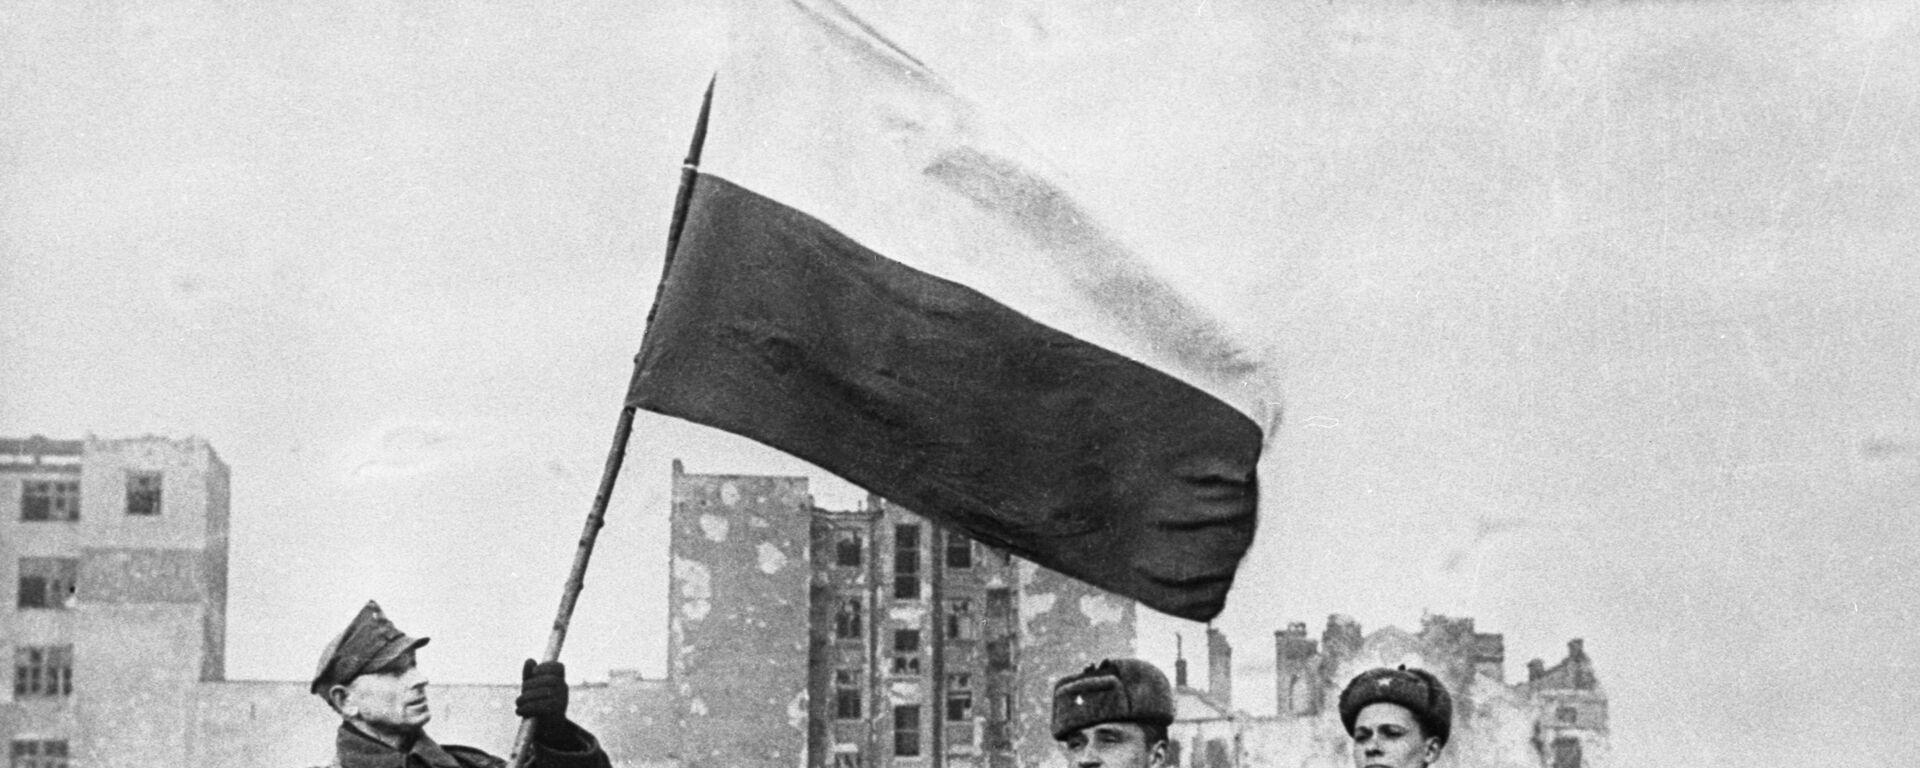 Wyzwolenie Polski od nazistowskich najeźdźców, 1945 rok - Sputnik Polska, 1920, 08.06.2021